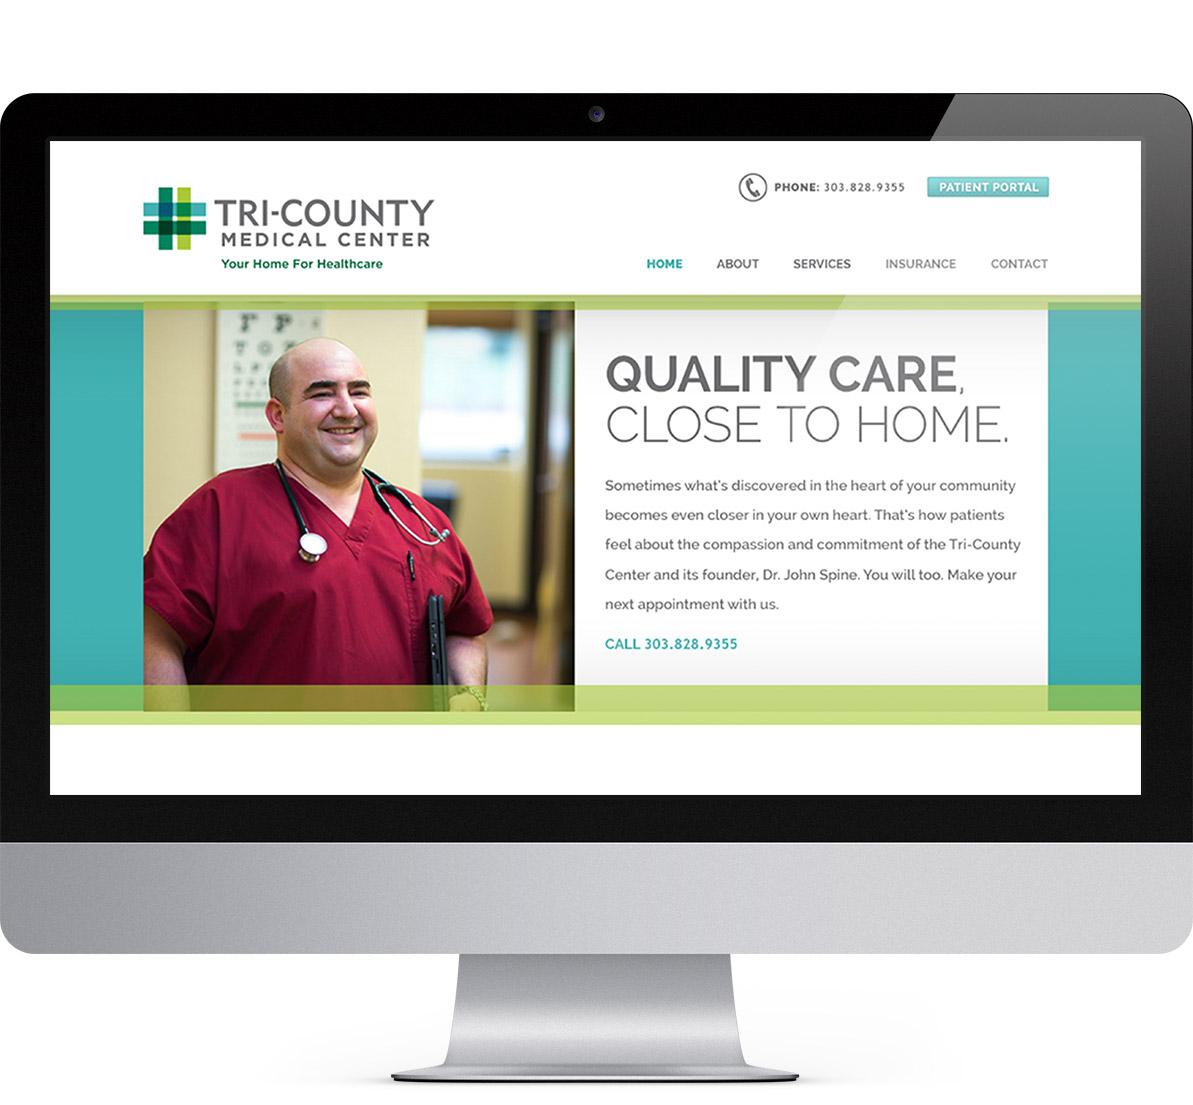 desktop website design for tri-county